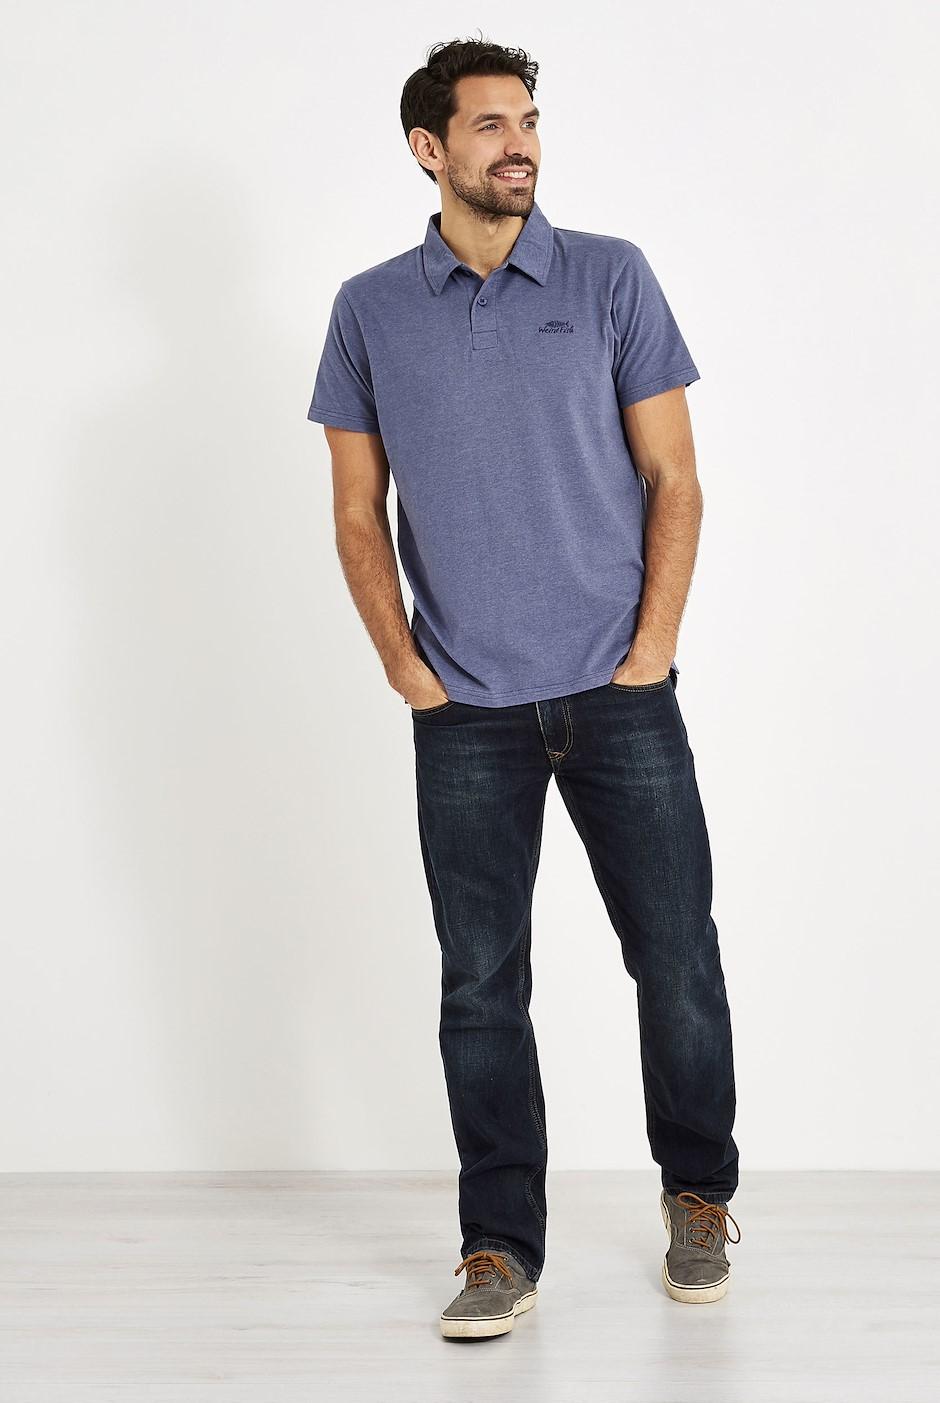 Quay Branded Polo Shirt Blue Indigo Marl